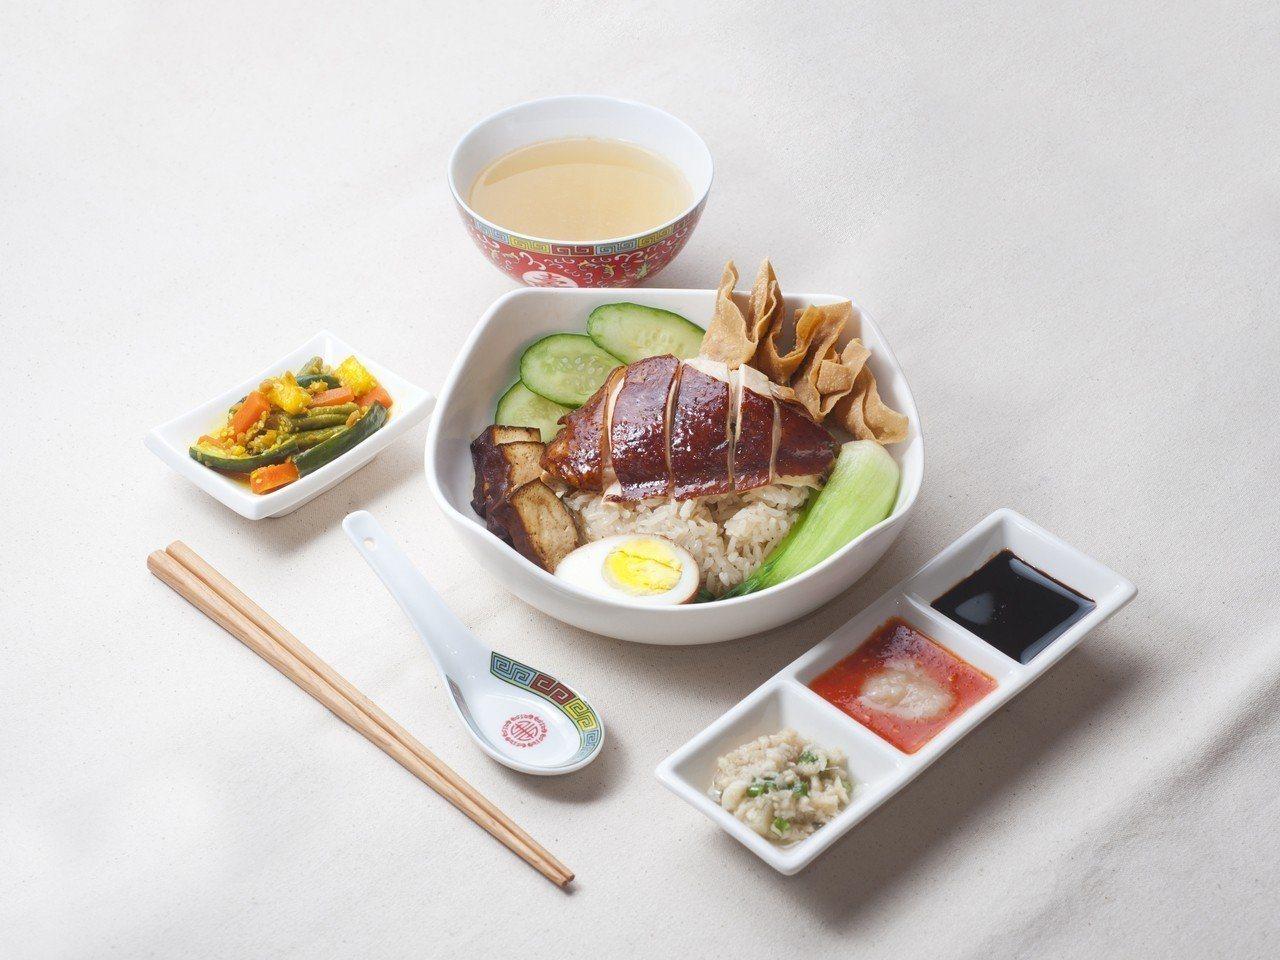 海記招牌醬油雞套餐170元,進駐忠孝SOGO後成為美食排隊熱點。圖/SOGO提供